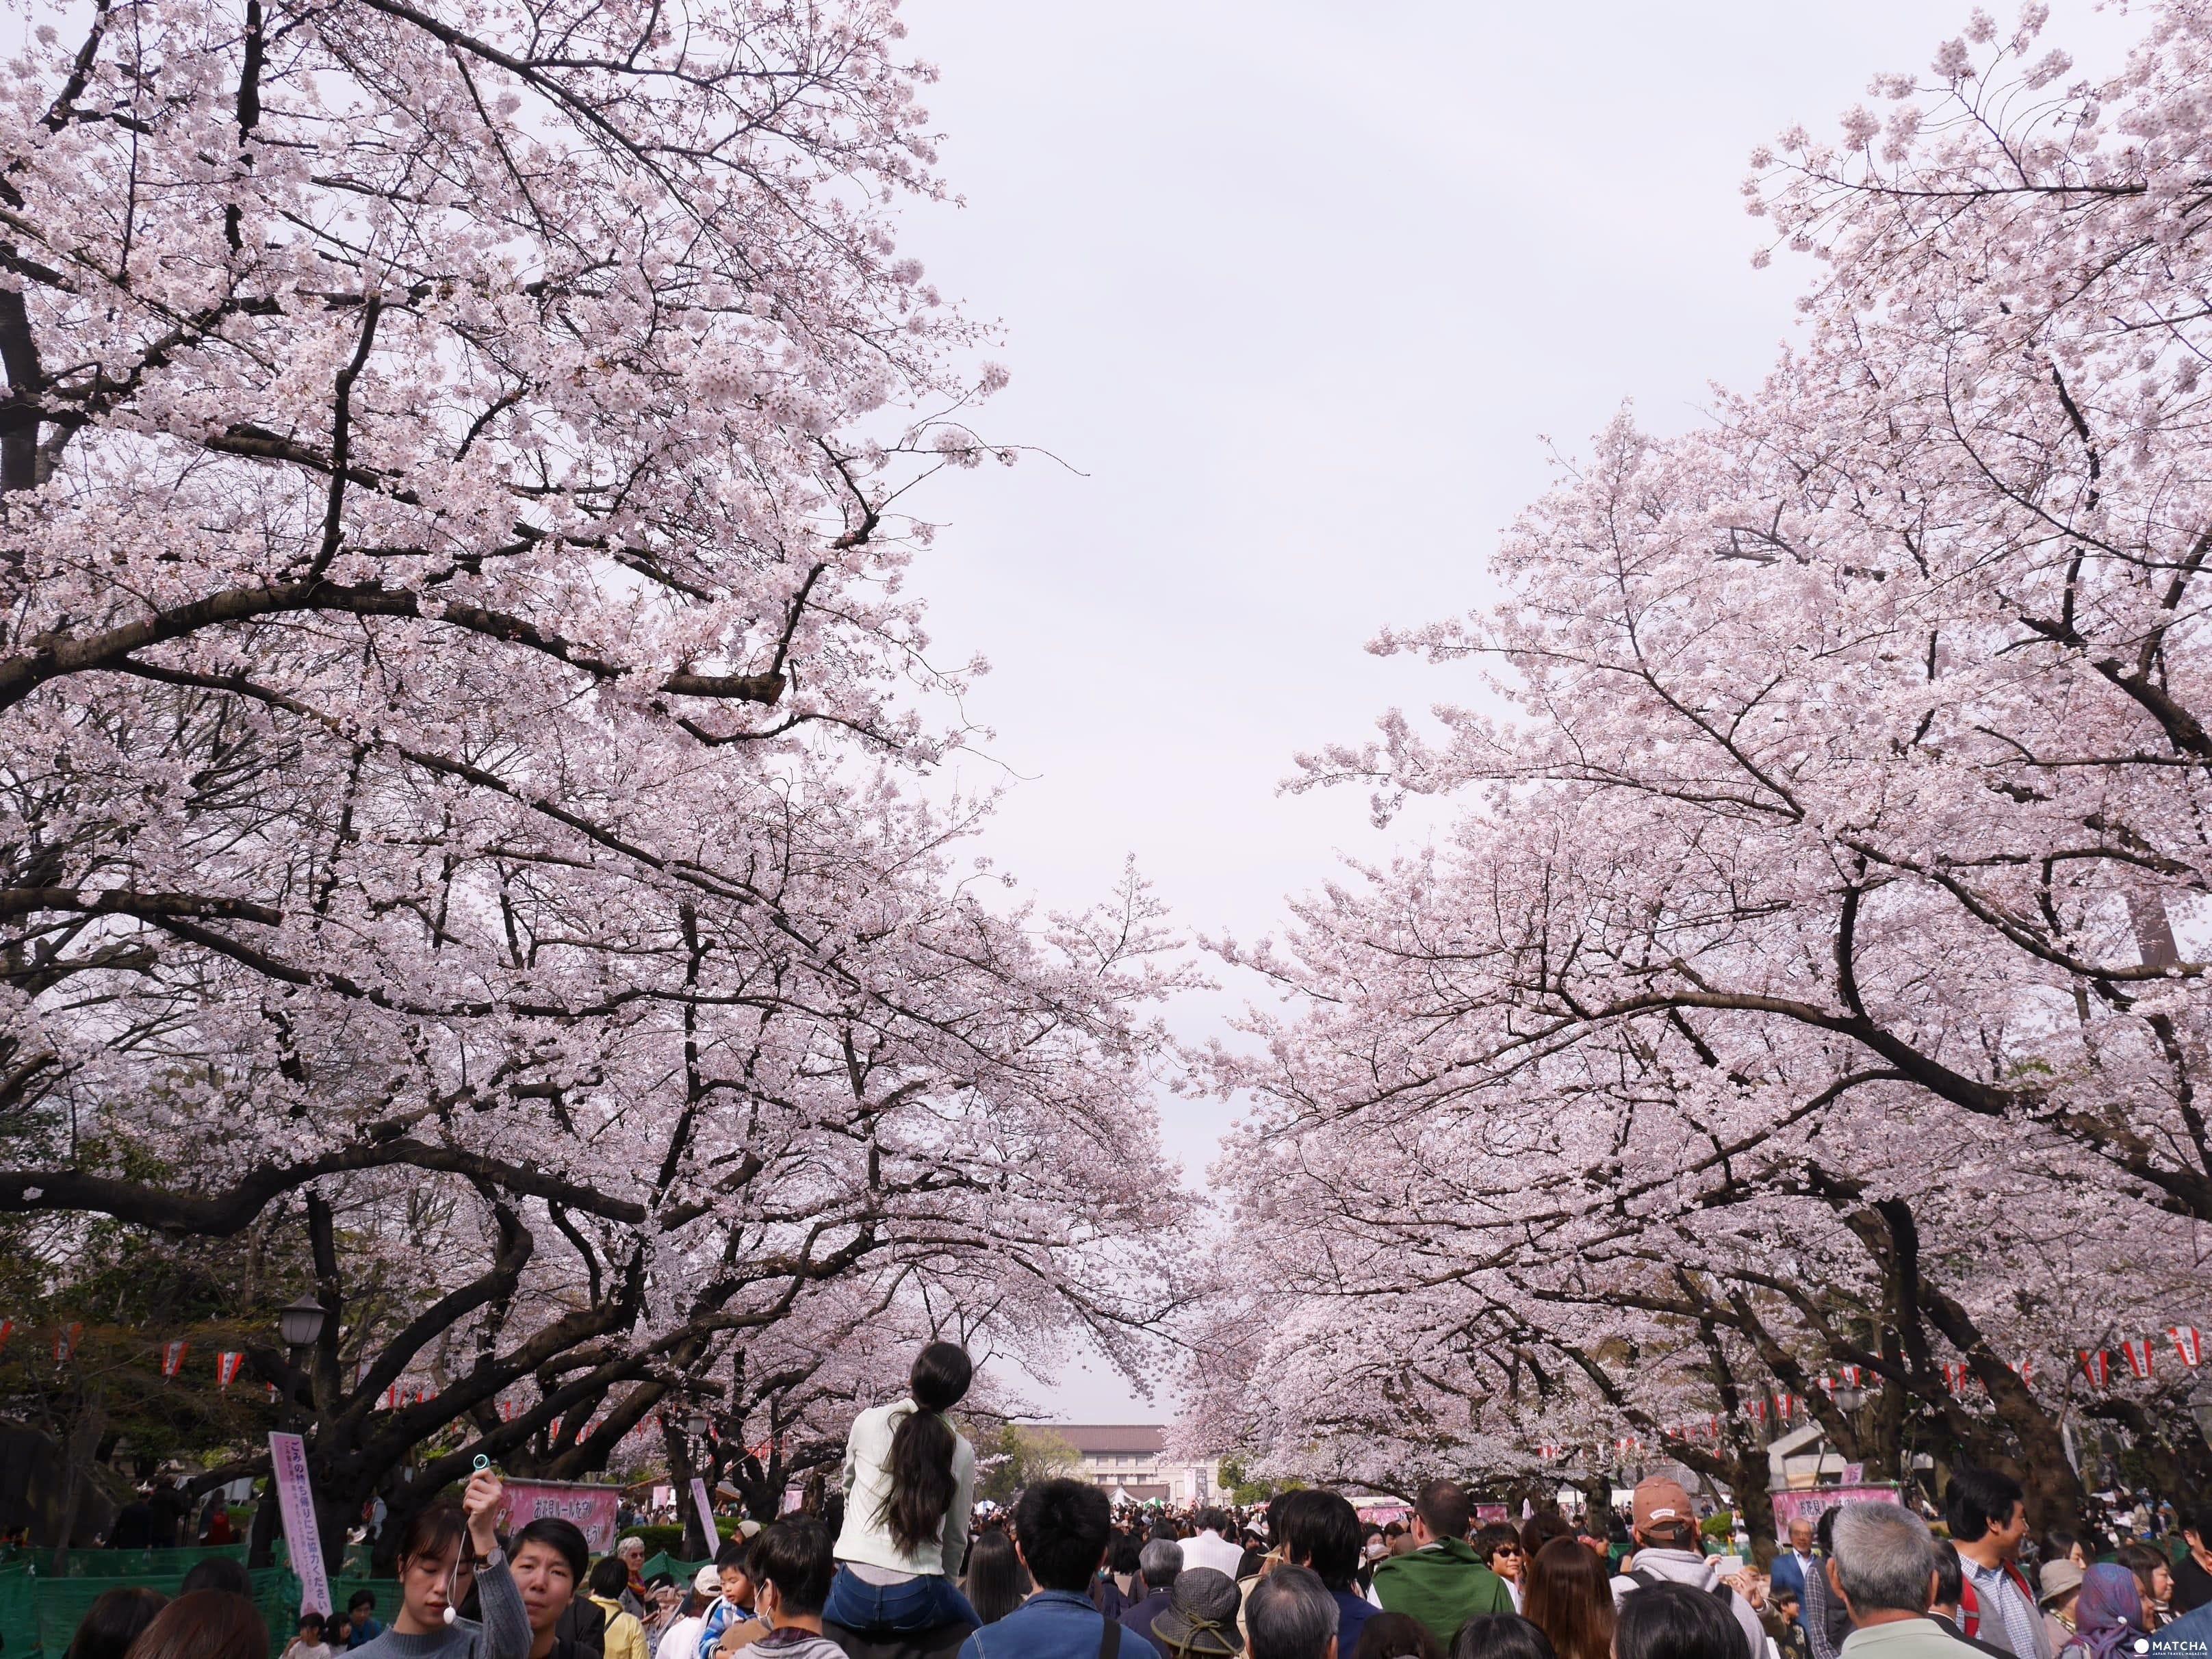 一篇入門東京都內兩大賞櫻景點附近美食